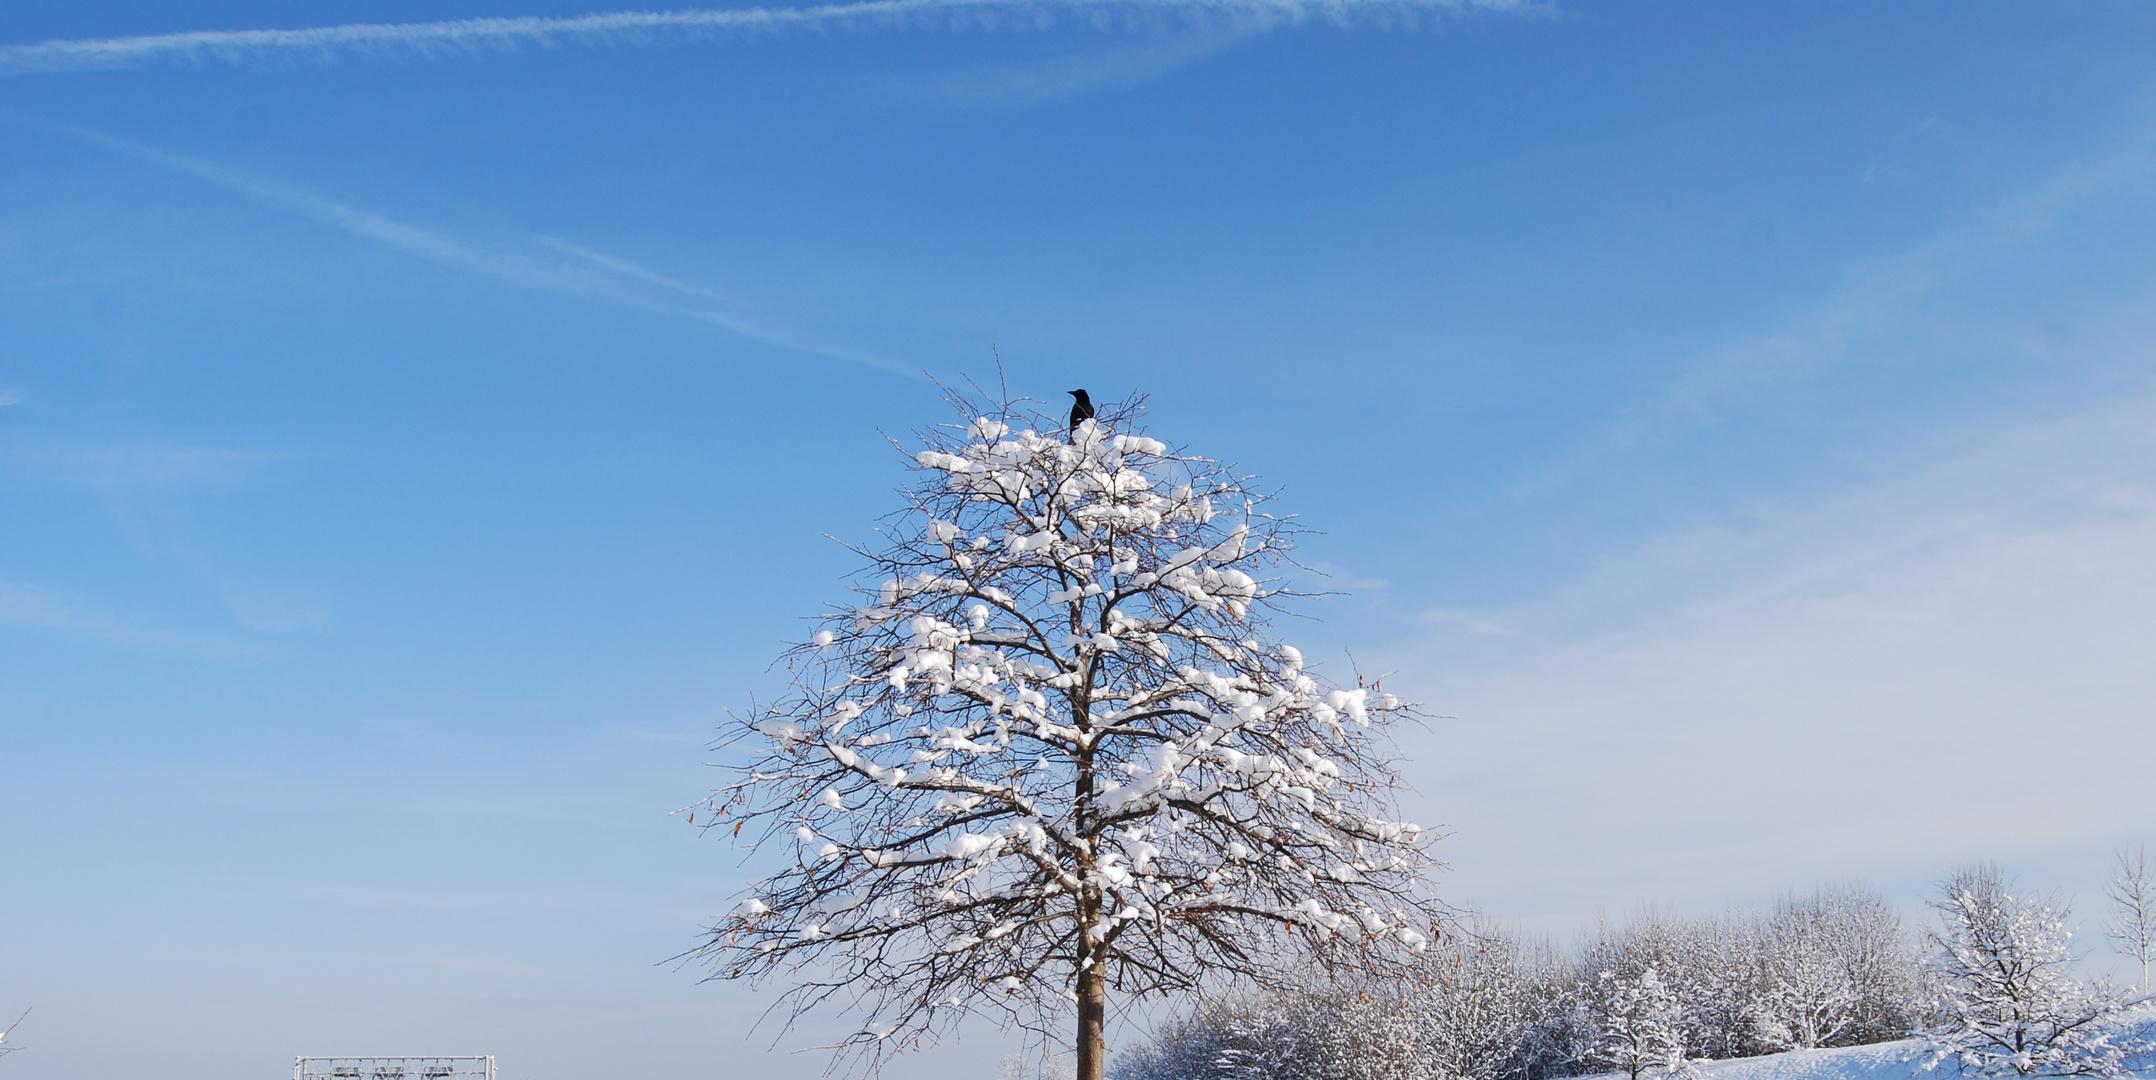 verschneiter baum mit vogel foto bild jahreszeiten winter natur bilder auf fotocommunity. Black Bedroom Furniture Sets. Home Design Ideas